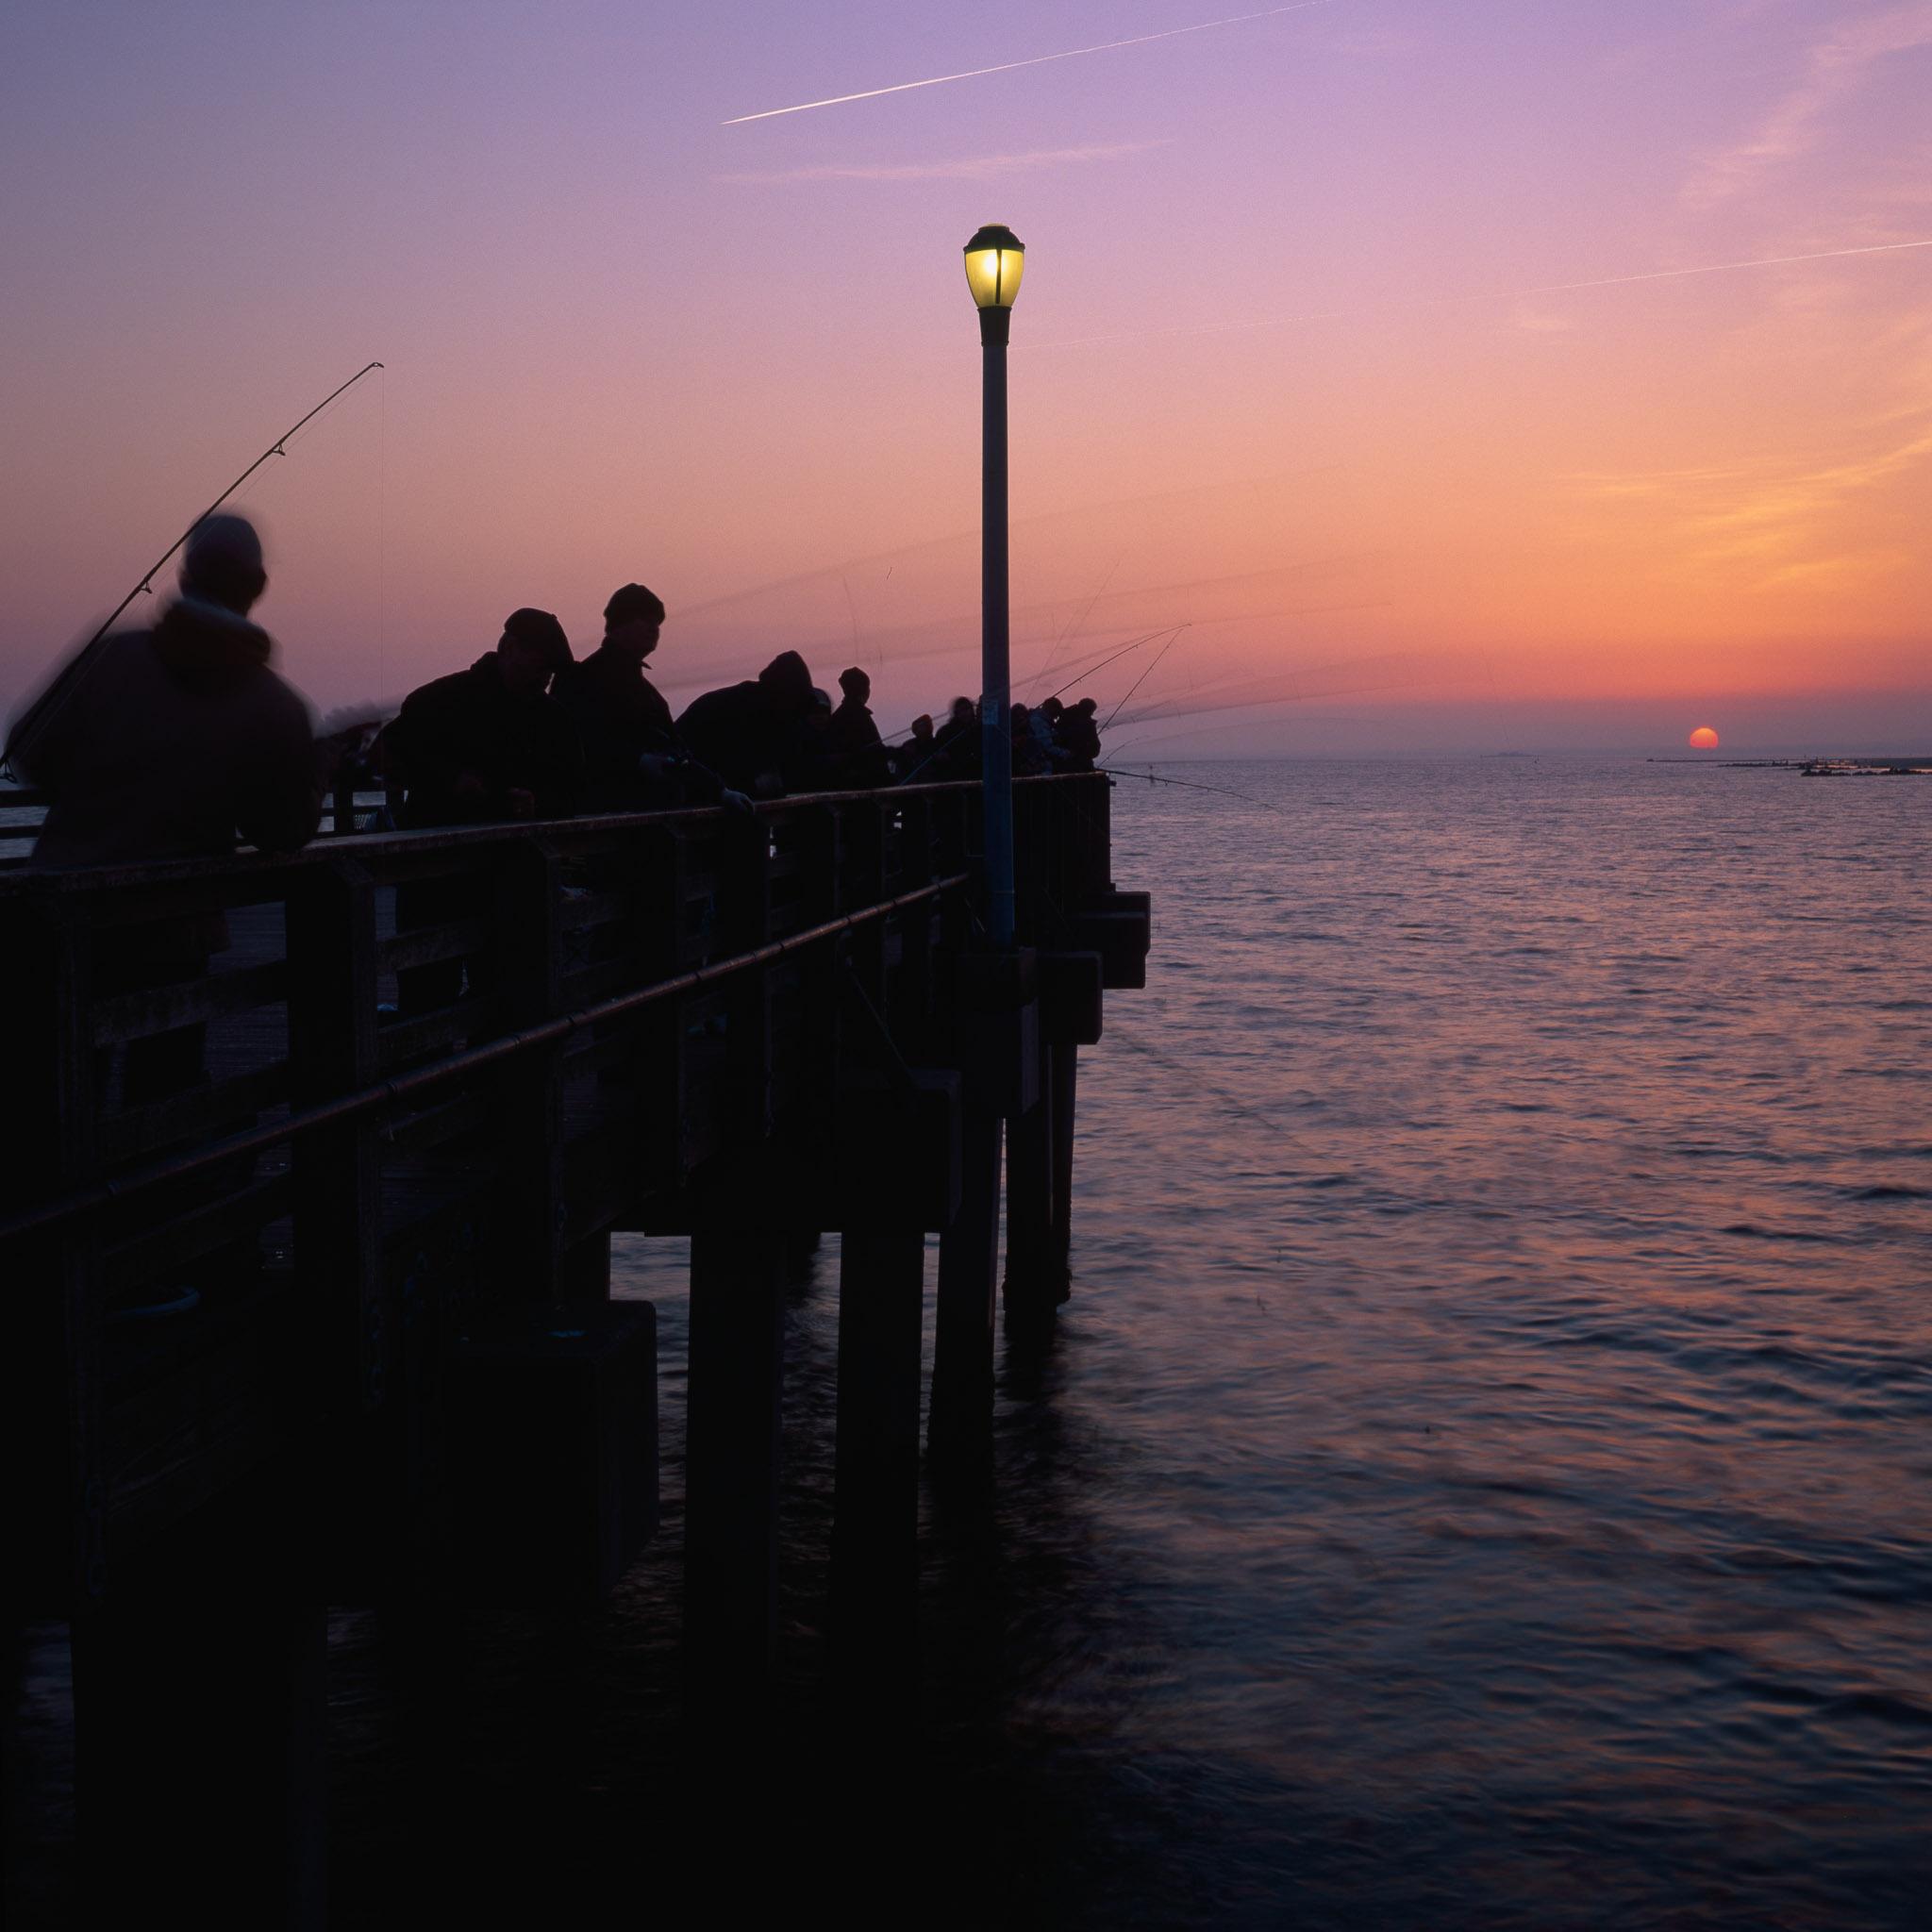 night fishing 1